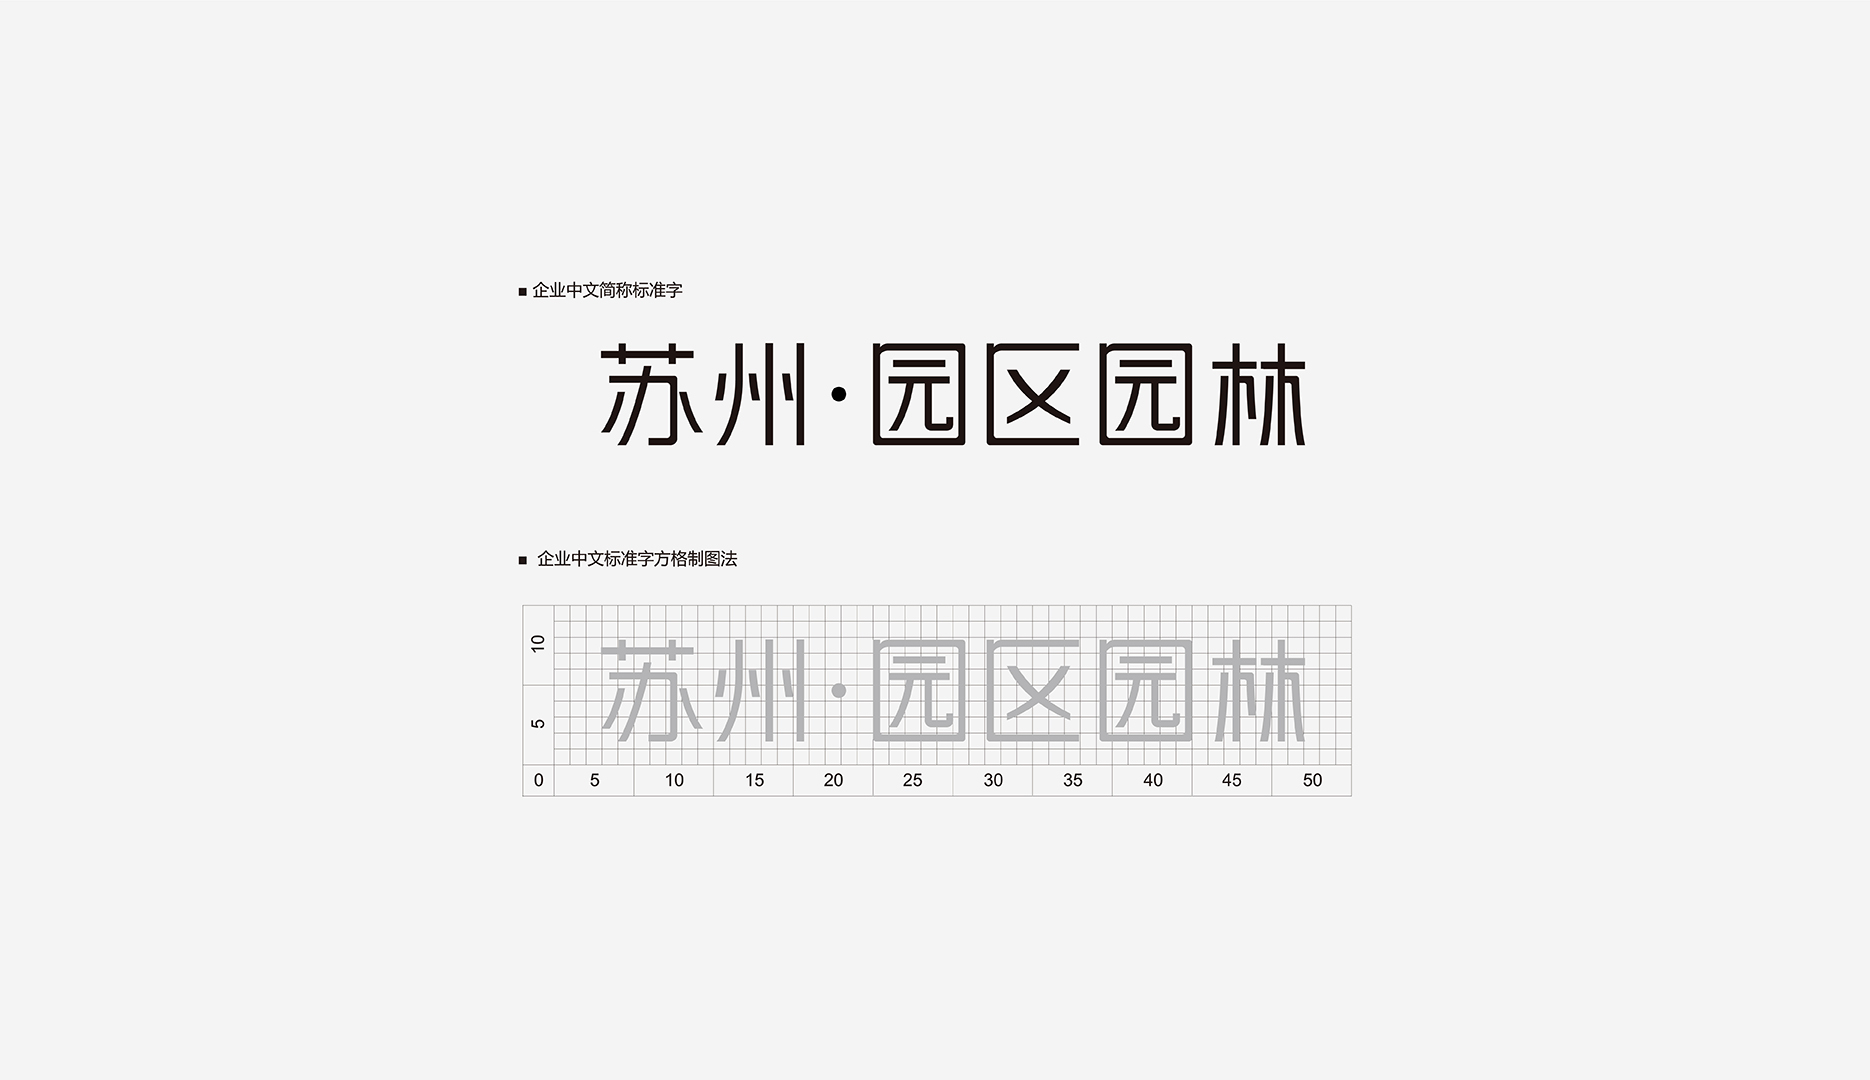 SIPG苏州园区园林:企业中文简称标准字